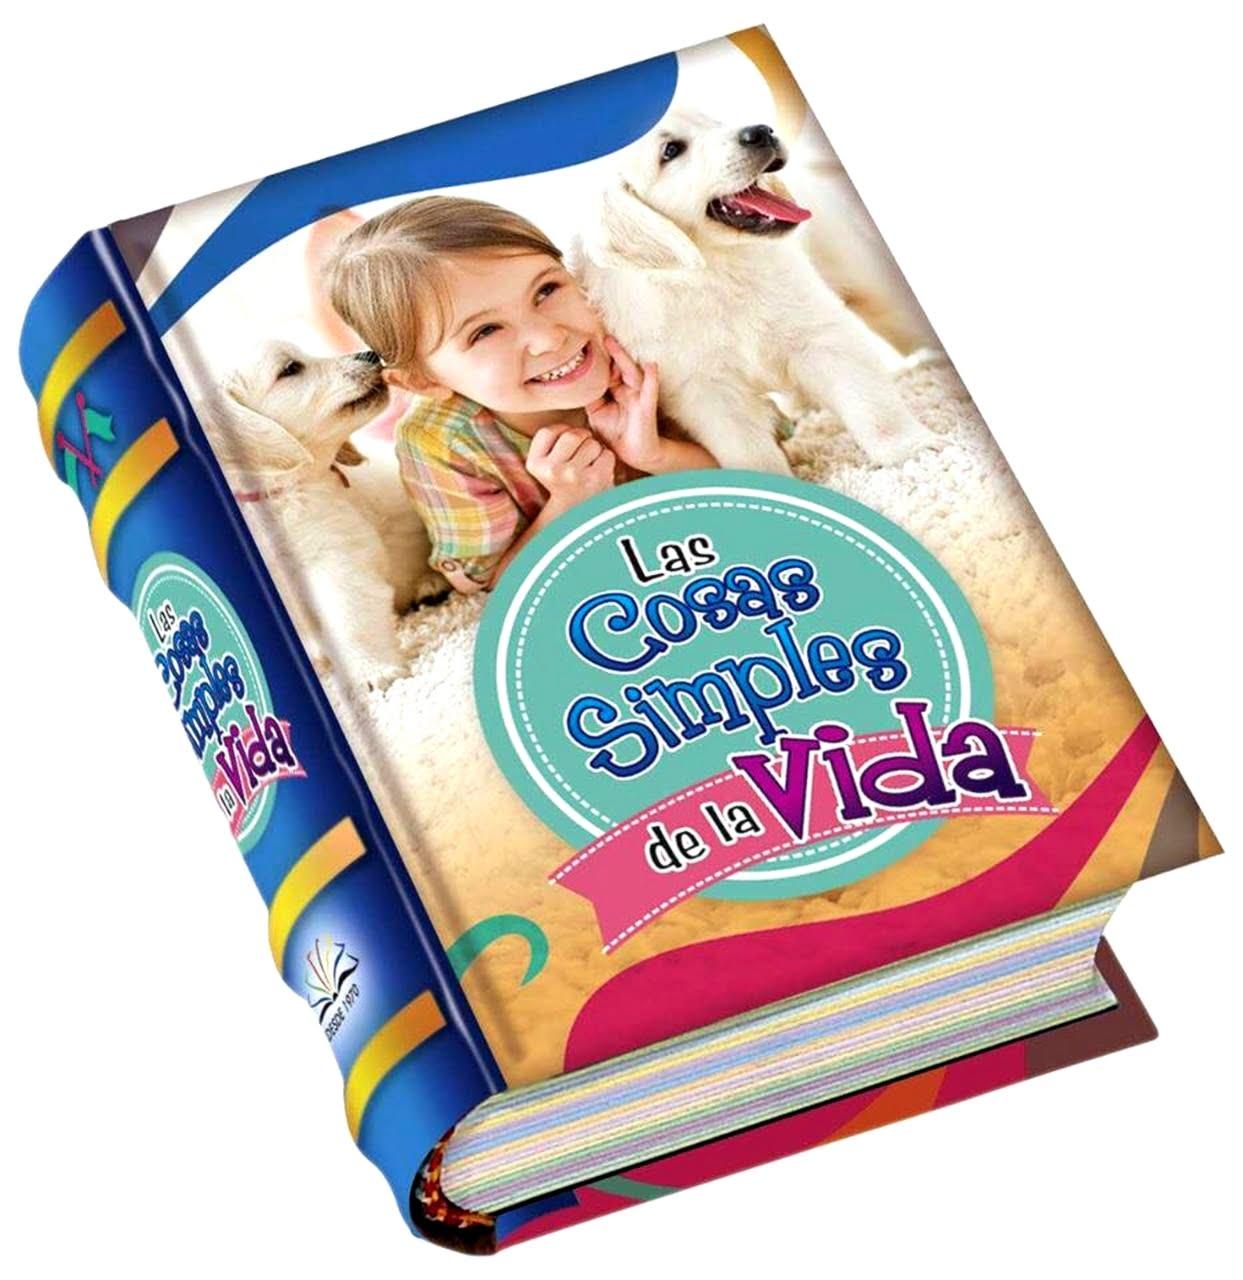 Cosas_Simples-vida-miniature-book-libro